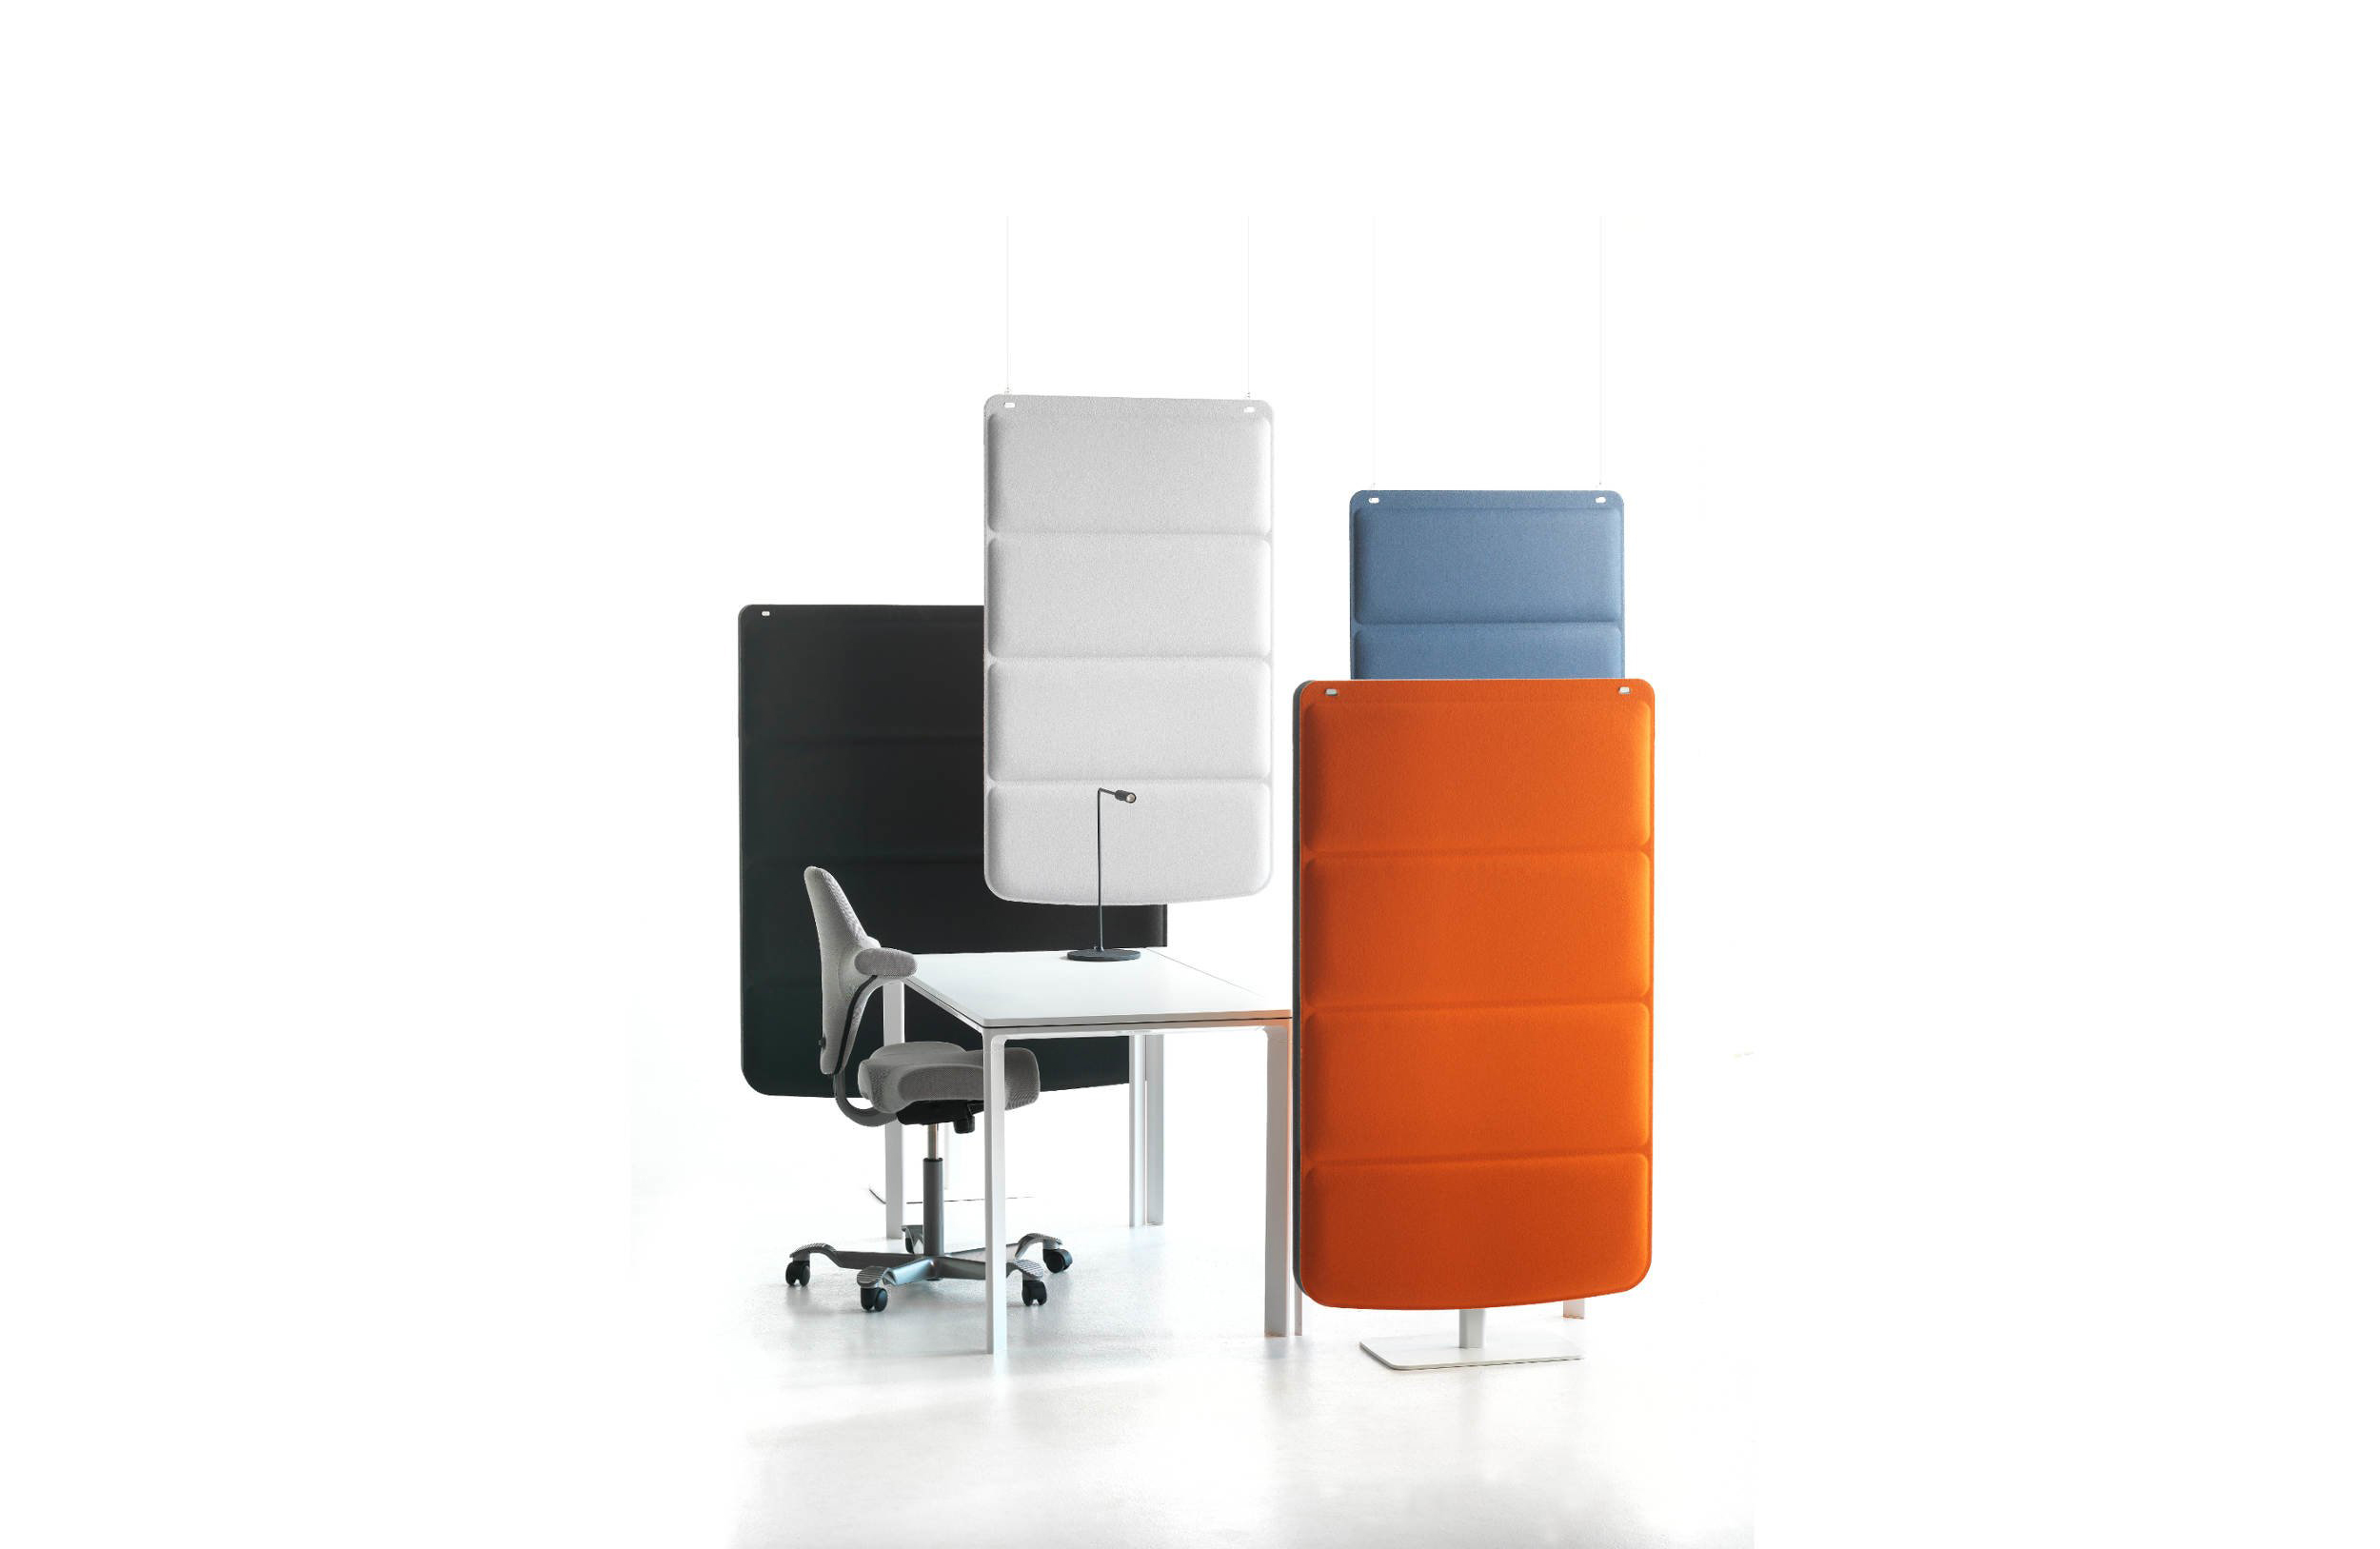 工作卡位/桌组|屏风卡位|创意家具|现代家居|时尚家具|设计师家具|定制家具|实木家具|格子屏风